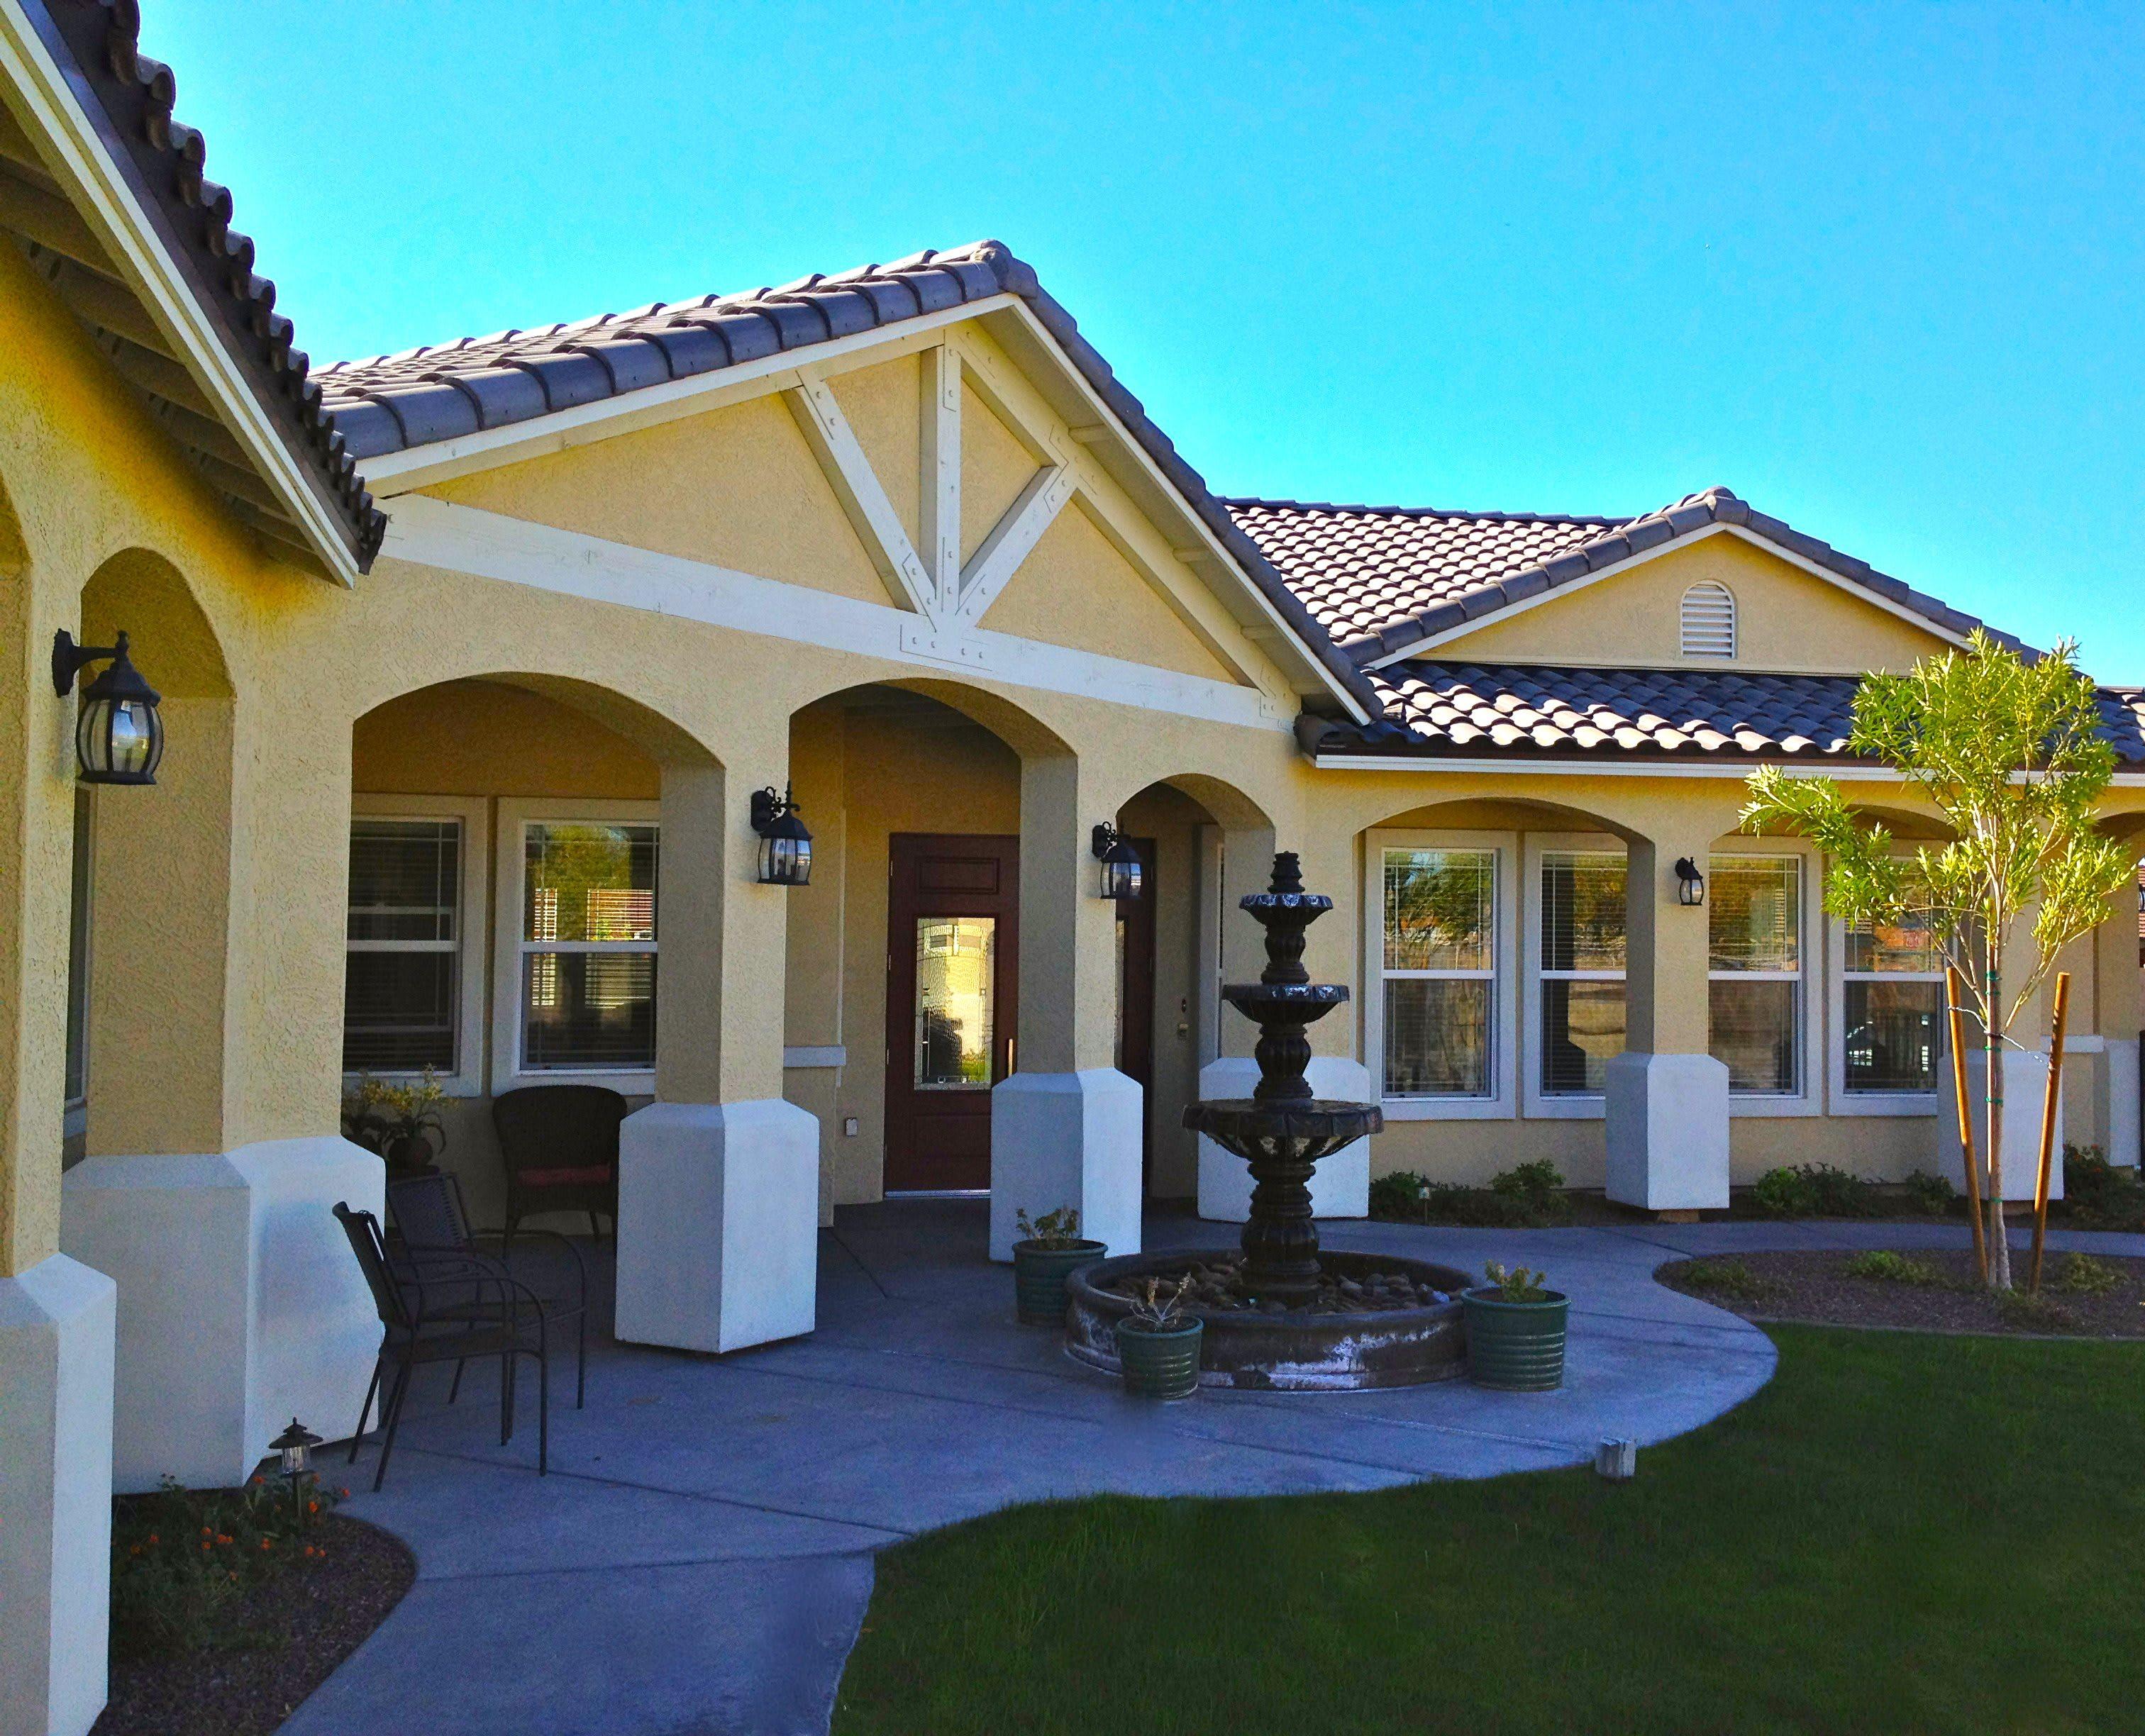 Photo 1 of Visions Senior Living at Mesa